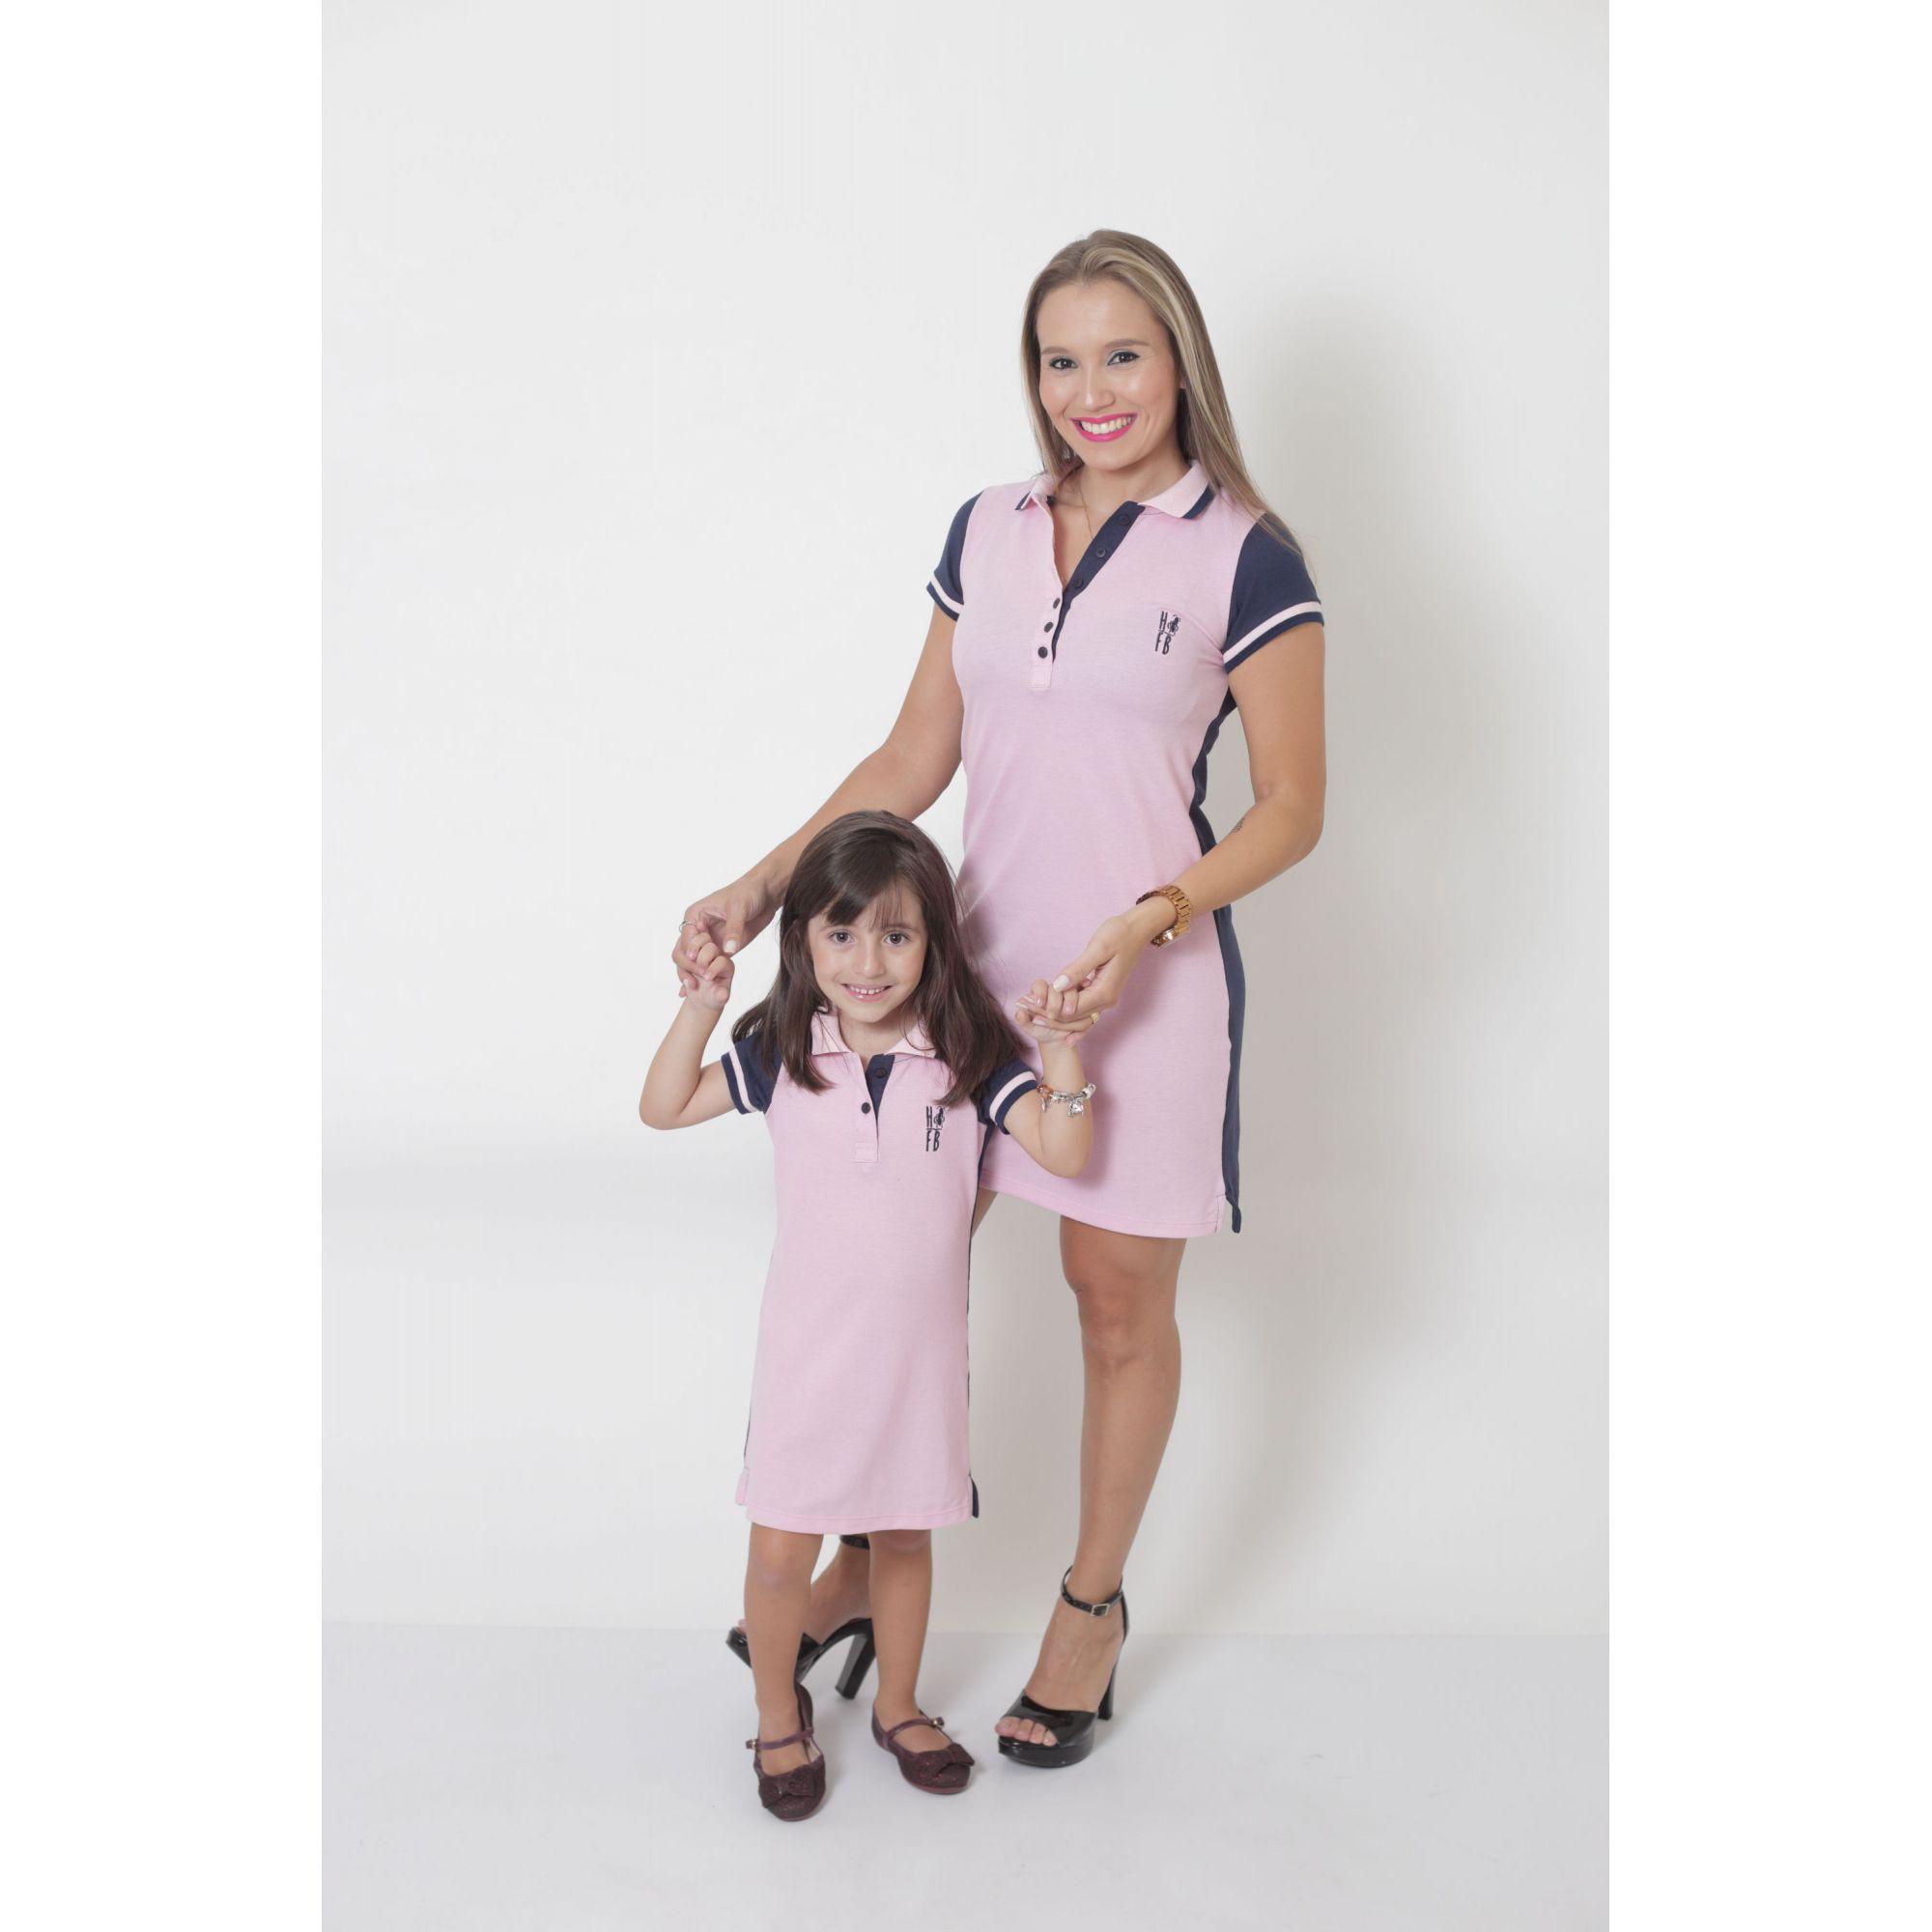 MÃE E FILHA > Kit 02 Vestidos Adulto e Infantil Dual Cor Rosa e Marinho [Coleção Tal Mãe Tal Filha]